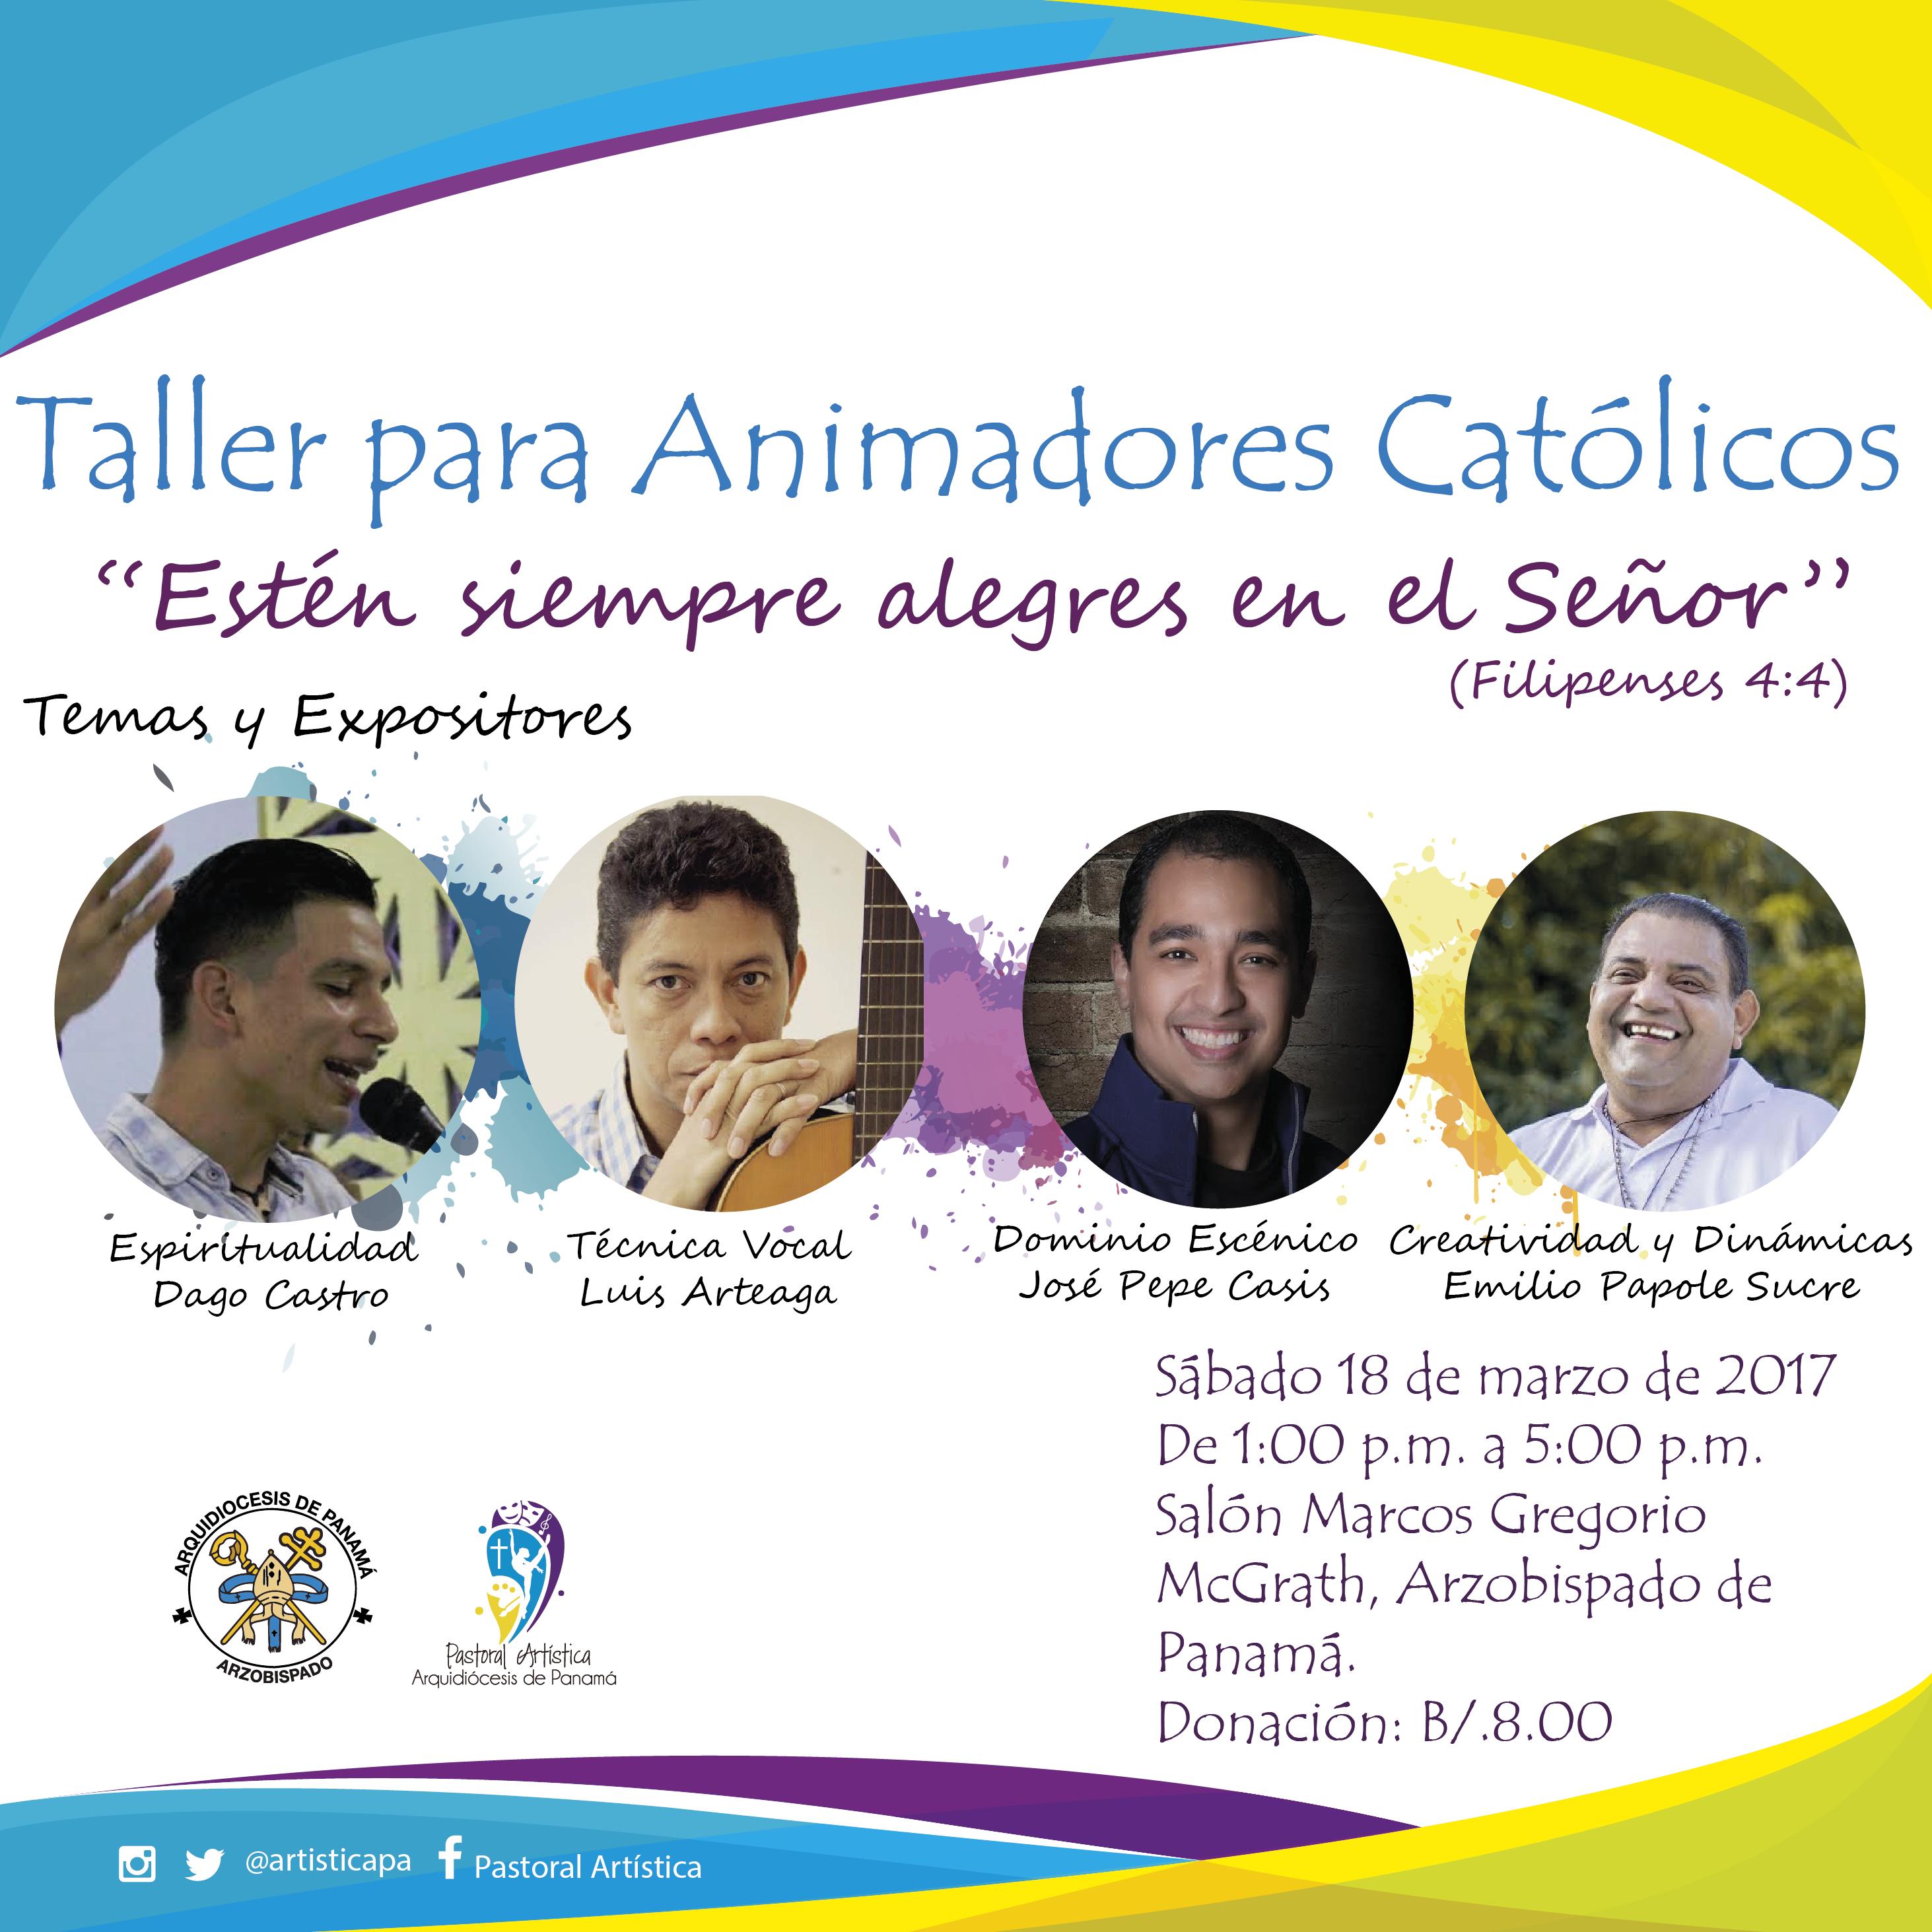 Taller para Animadores Católicos - Rumbo a la JMJ Panamá 2019